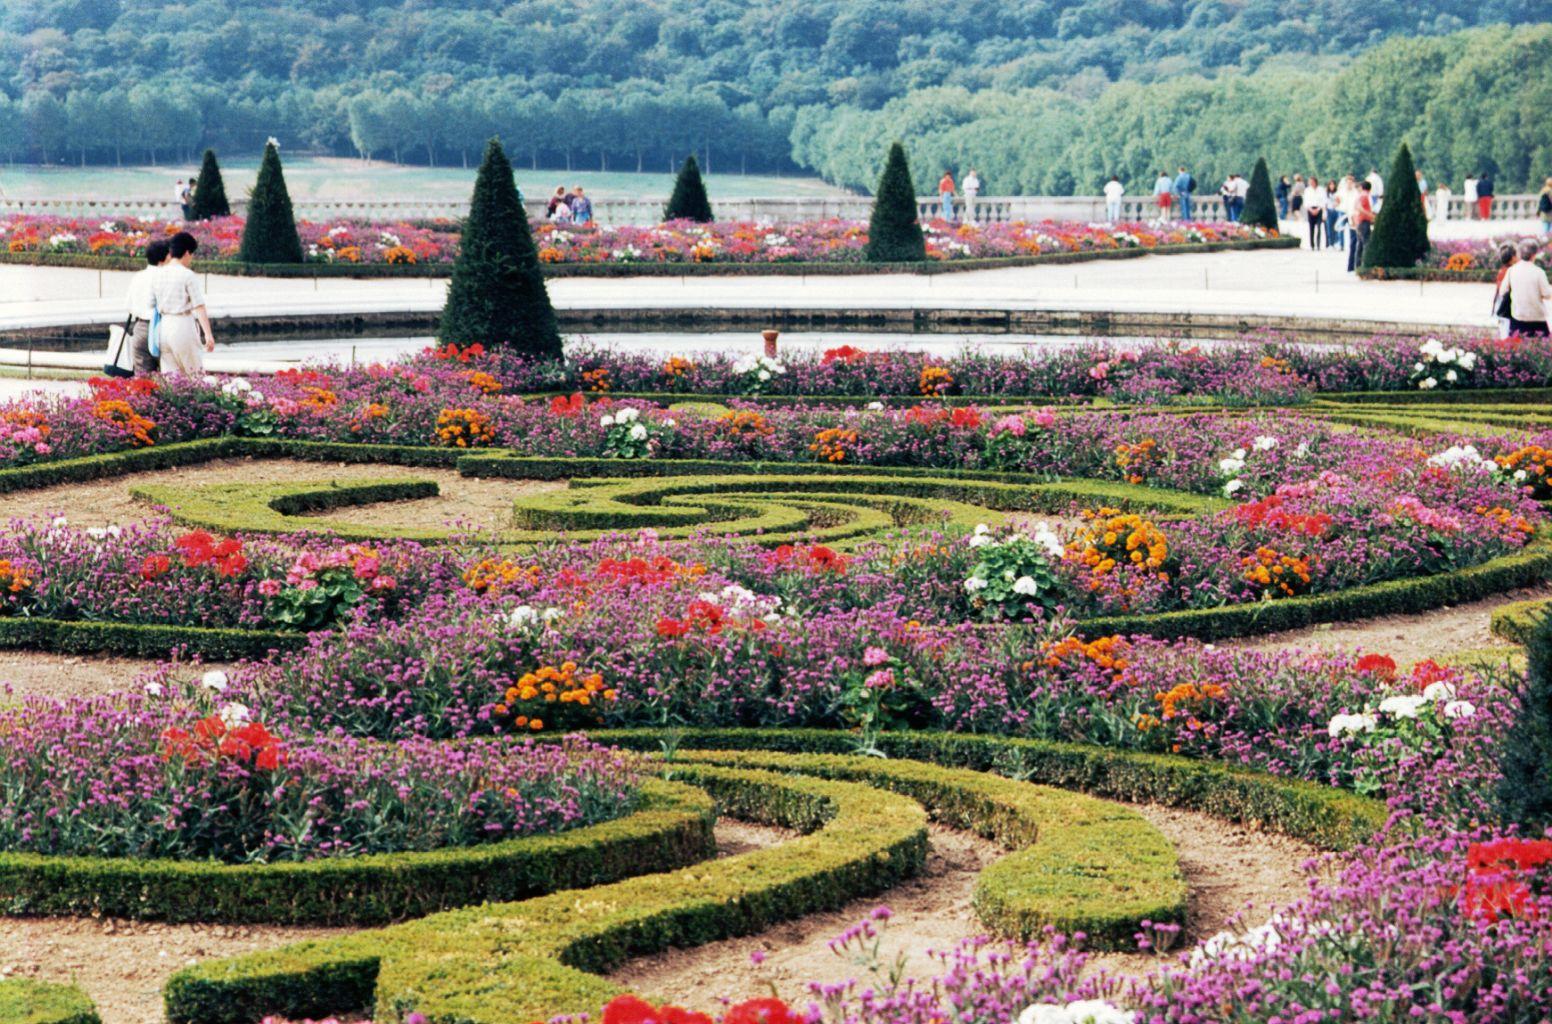 http://1.bp.blogspot.com/-dKeQOBfhuVA/TxOOnJ4g5EI/AAAAAAAAAIU/qs1KemhaMXo/s1600/versailles_garden-wallpaper.jpg